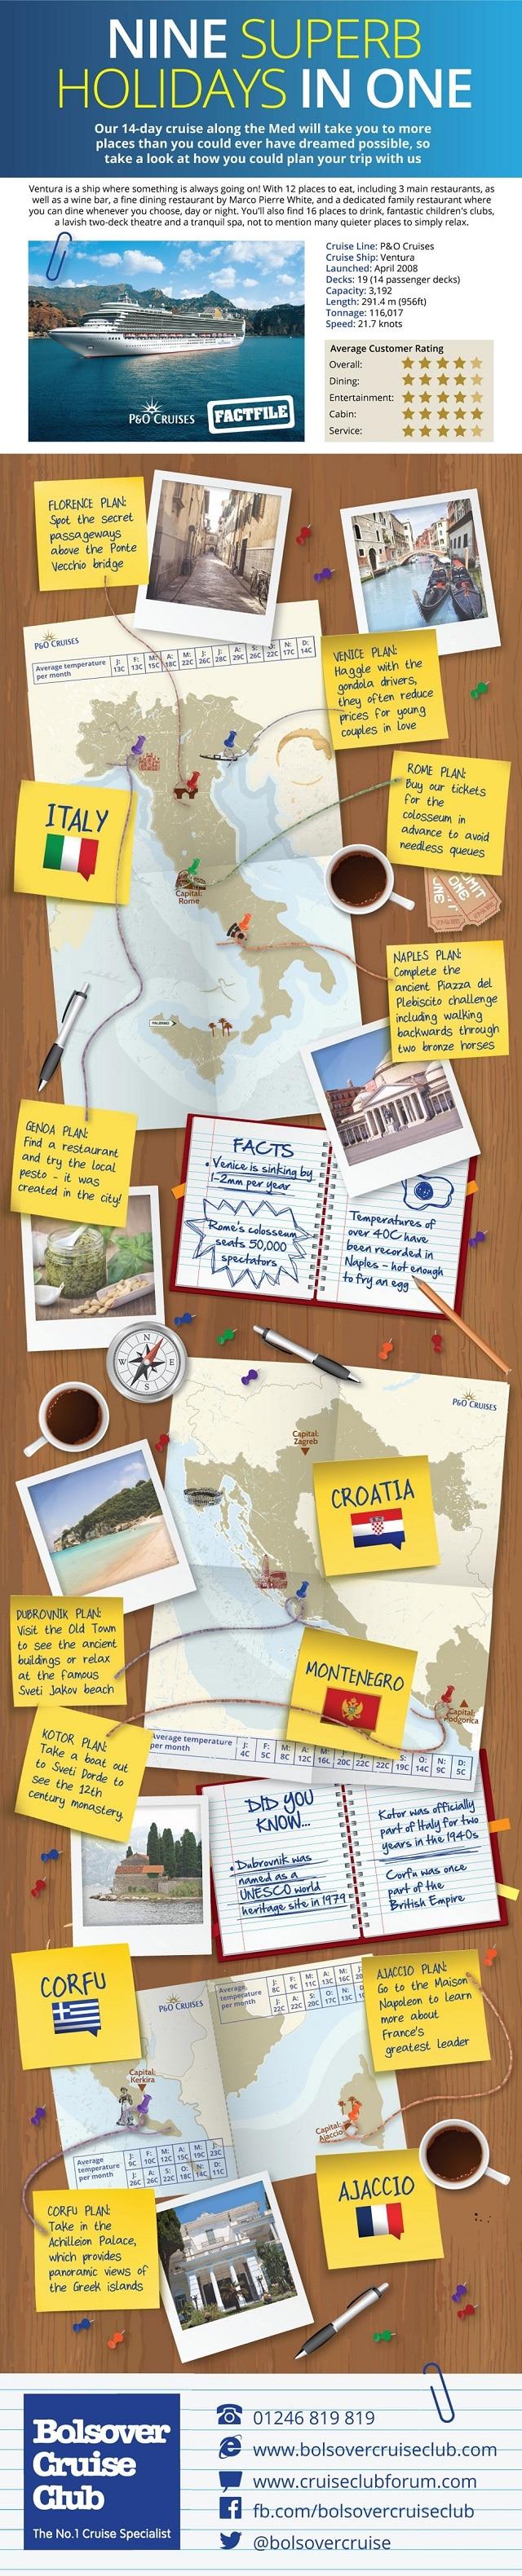 BCC 9 Mediterranean Holidays In 1